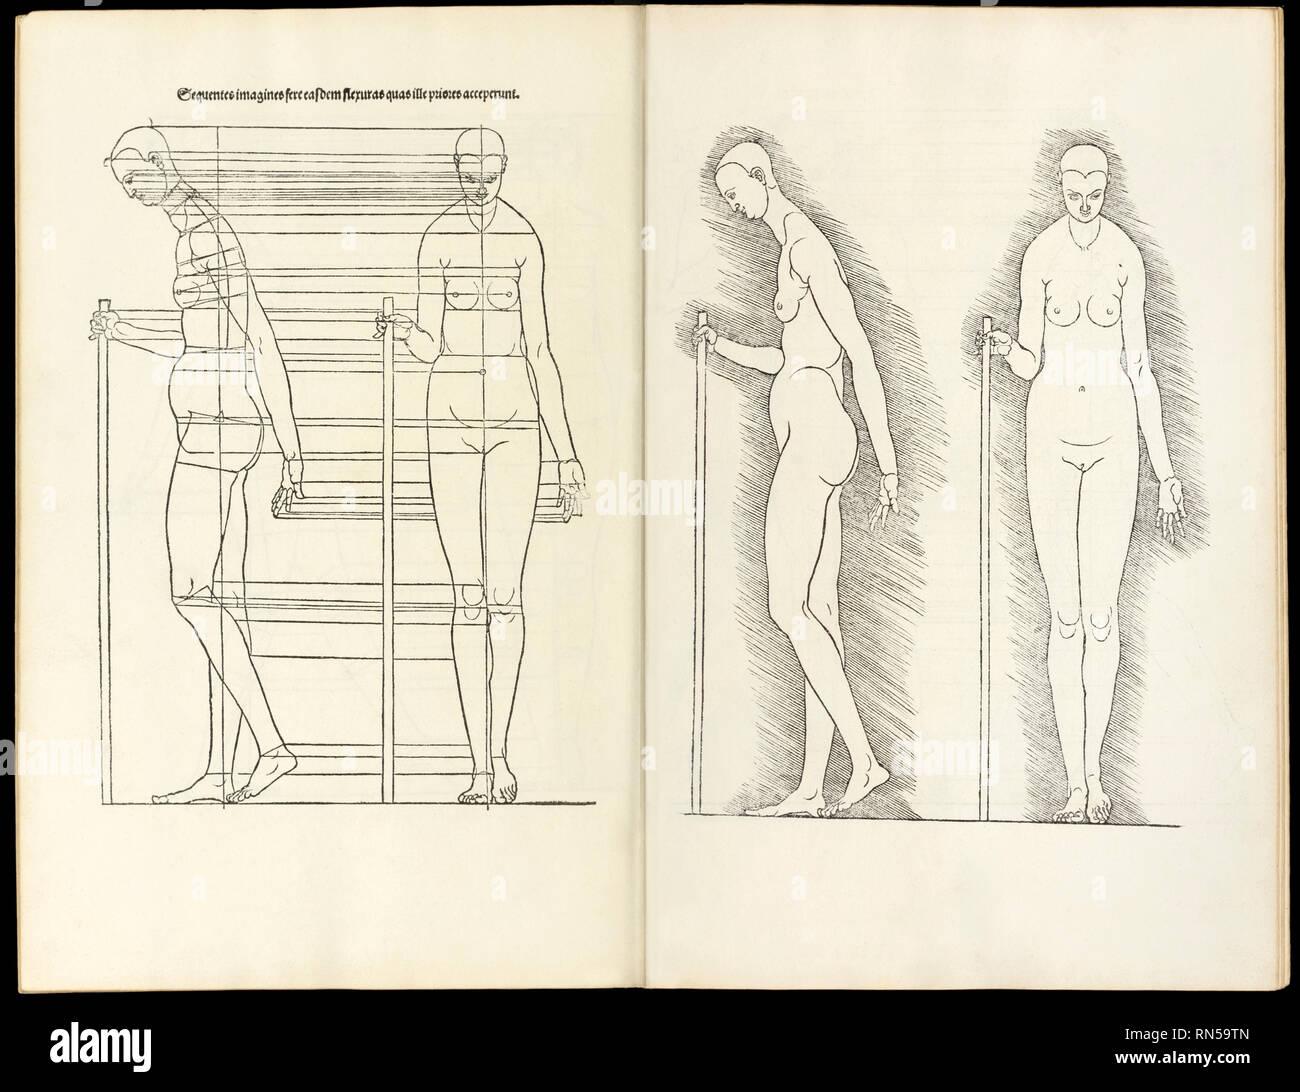 """Weibchen mit Personal, anatomische Holzschnitt aus """"Hierinn Sindh begriffen Vier Bücher von menschlicher Proportion' von Albrecht Dürer (1471-1528) eine Arbeit über den Anteil des menschlichen Körpers, die erstmals in 1528 veröffentlicht. Stockbild"""